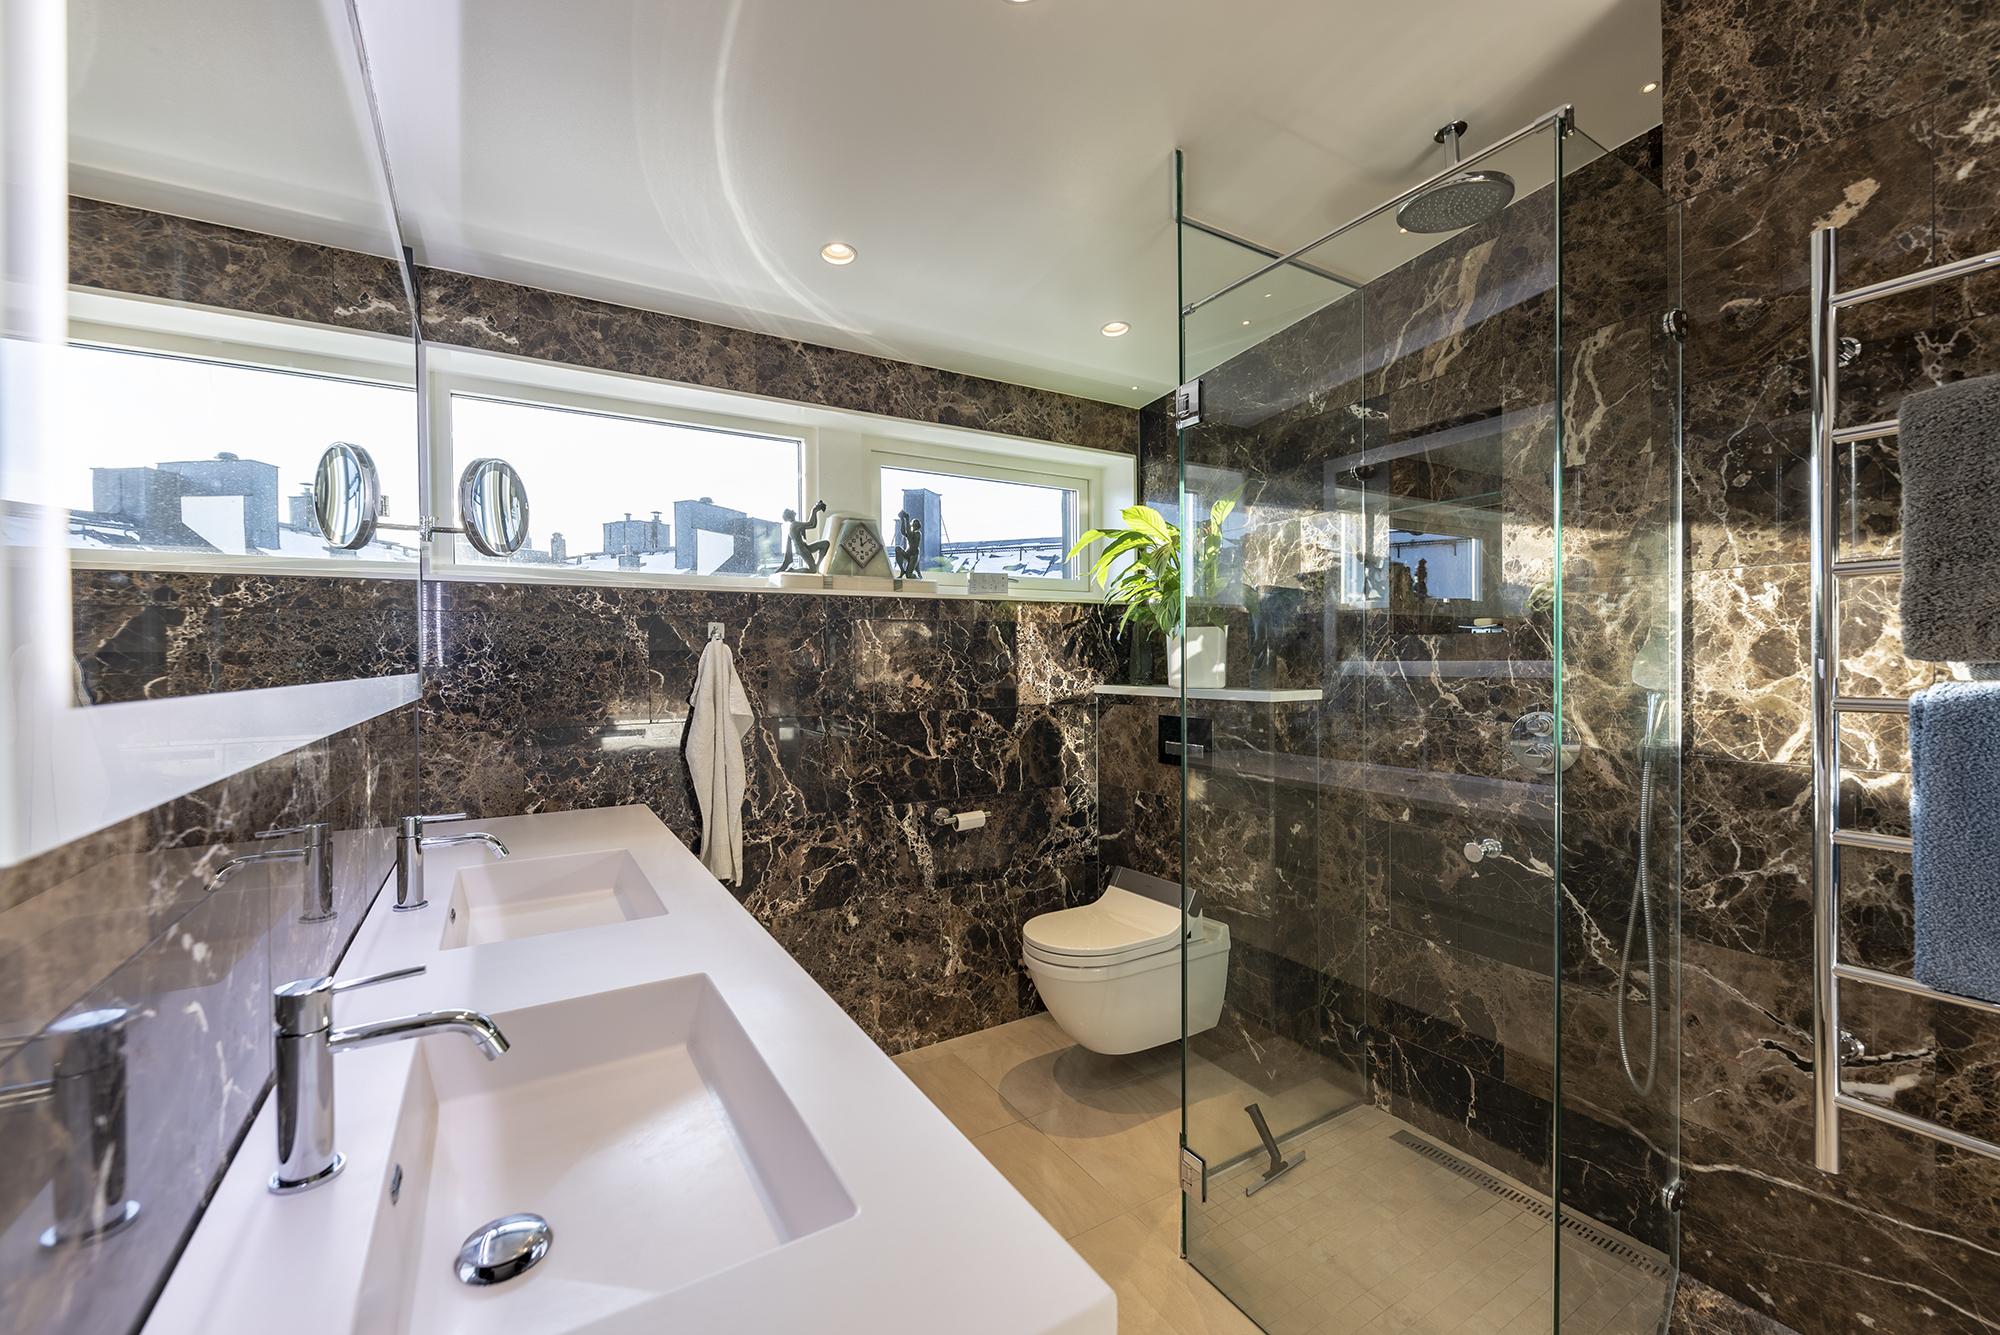 Badrummet är mycket ljust tack vare ljusinsläpp från både fönster och takfönster